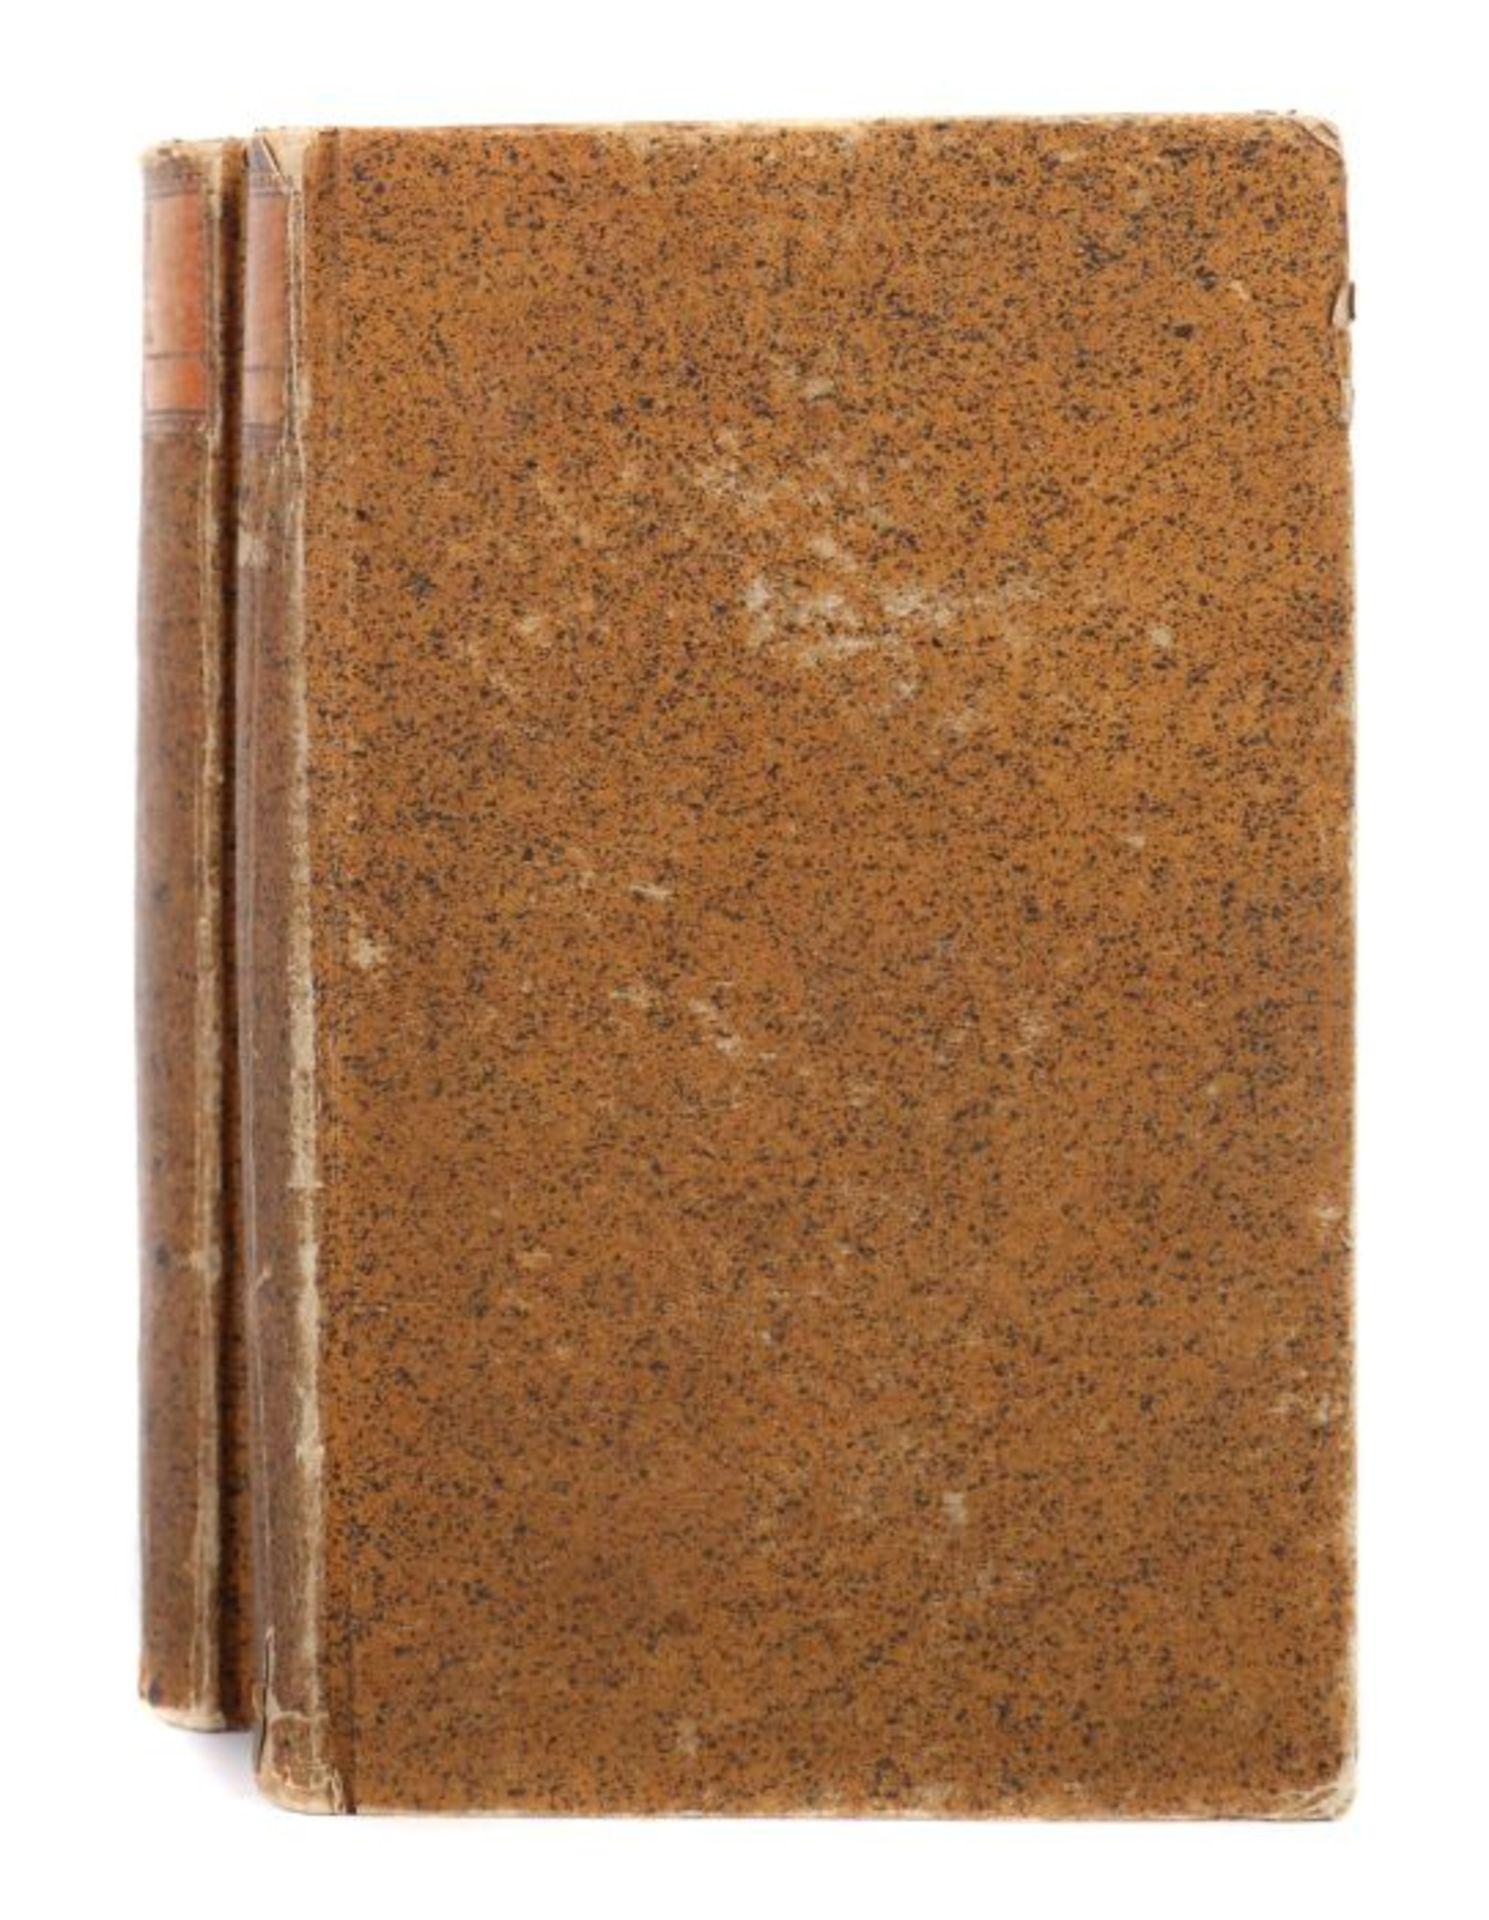 Bertram, Ph(ilipp) E(rnst) Geschichte des Hauses und Fürstenthums Anhalt, fortgesetzt von M. J. C. - Bild 2 aus 6